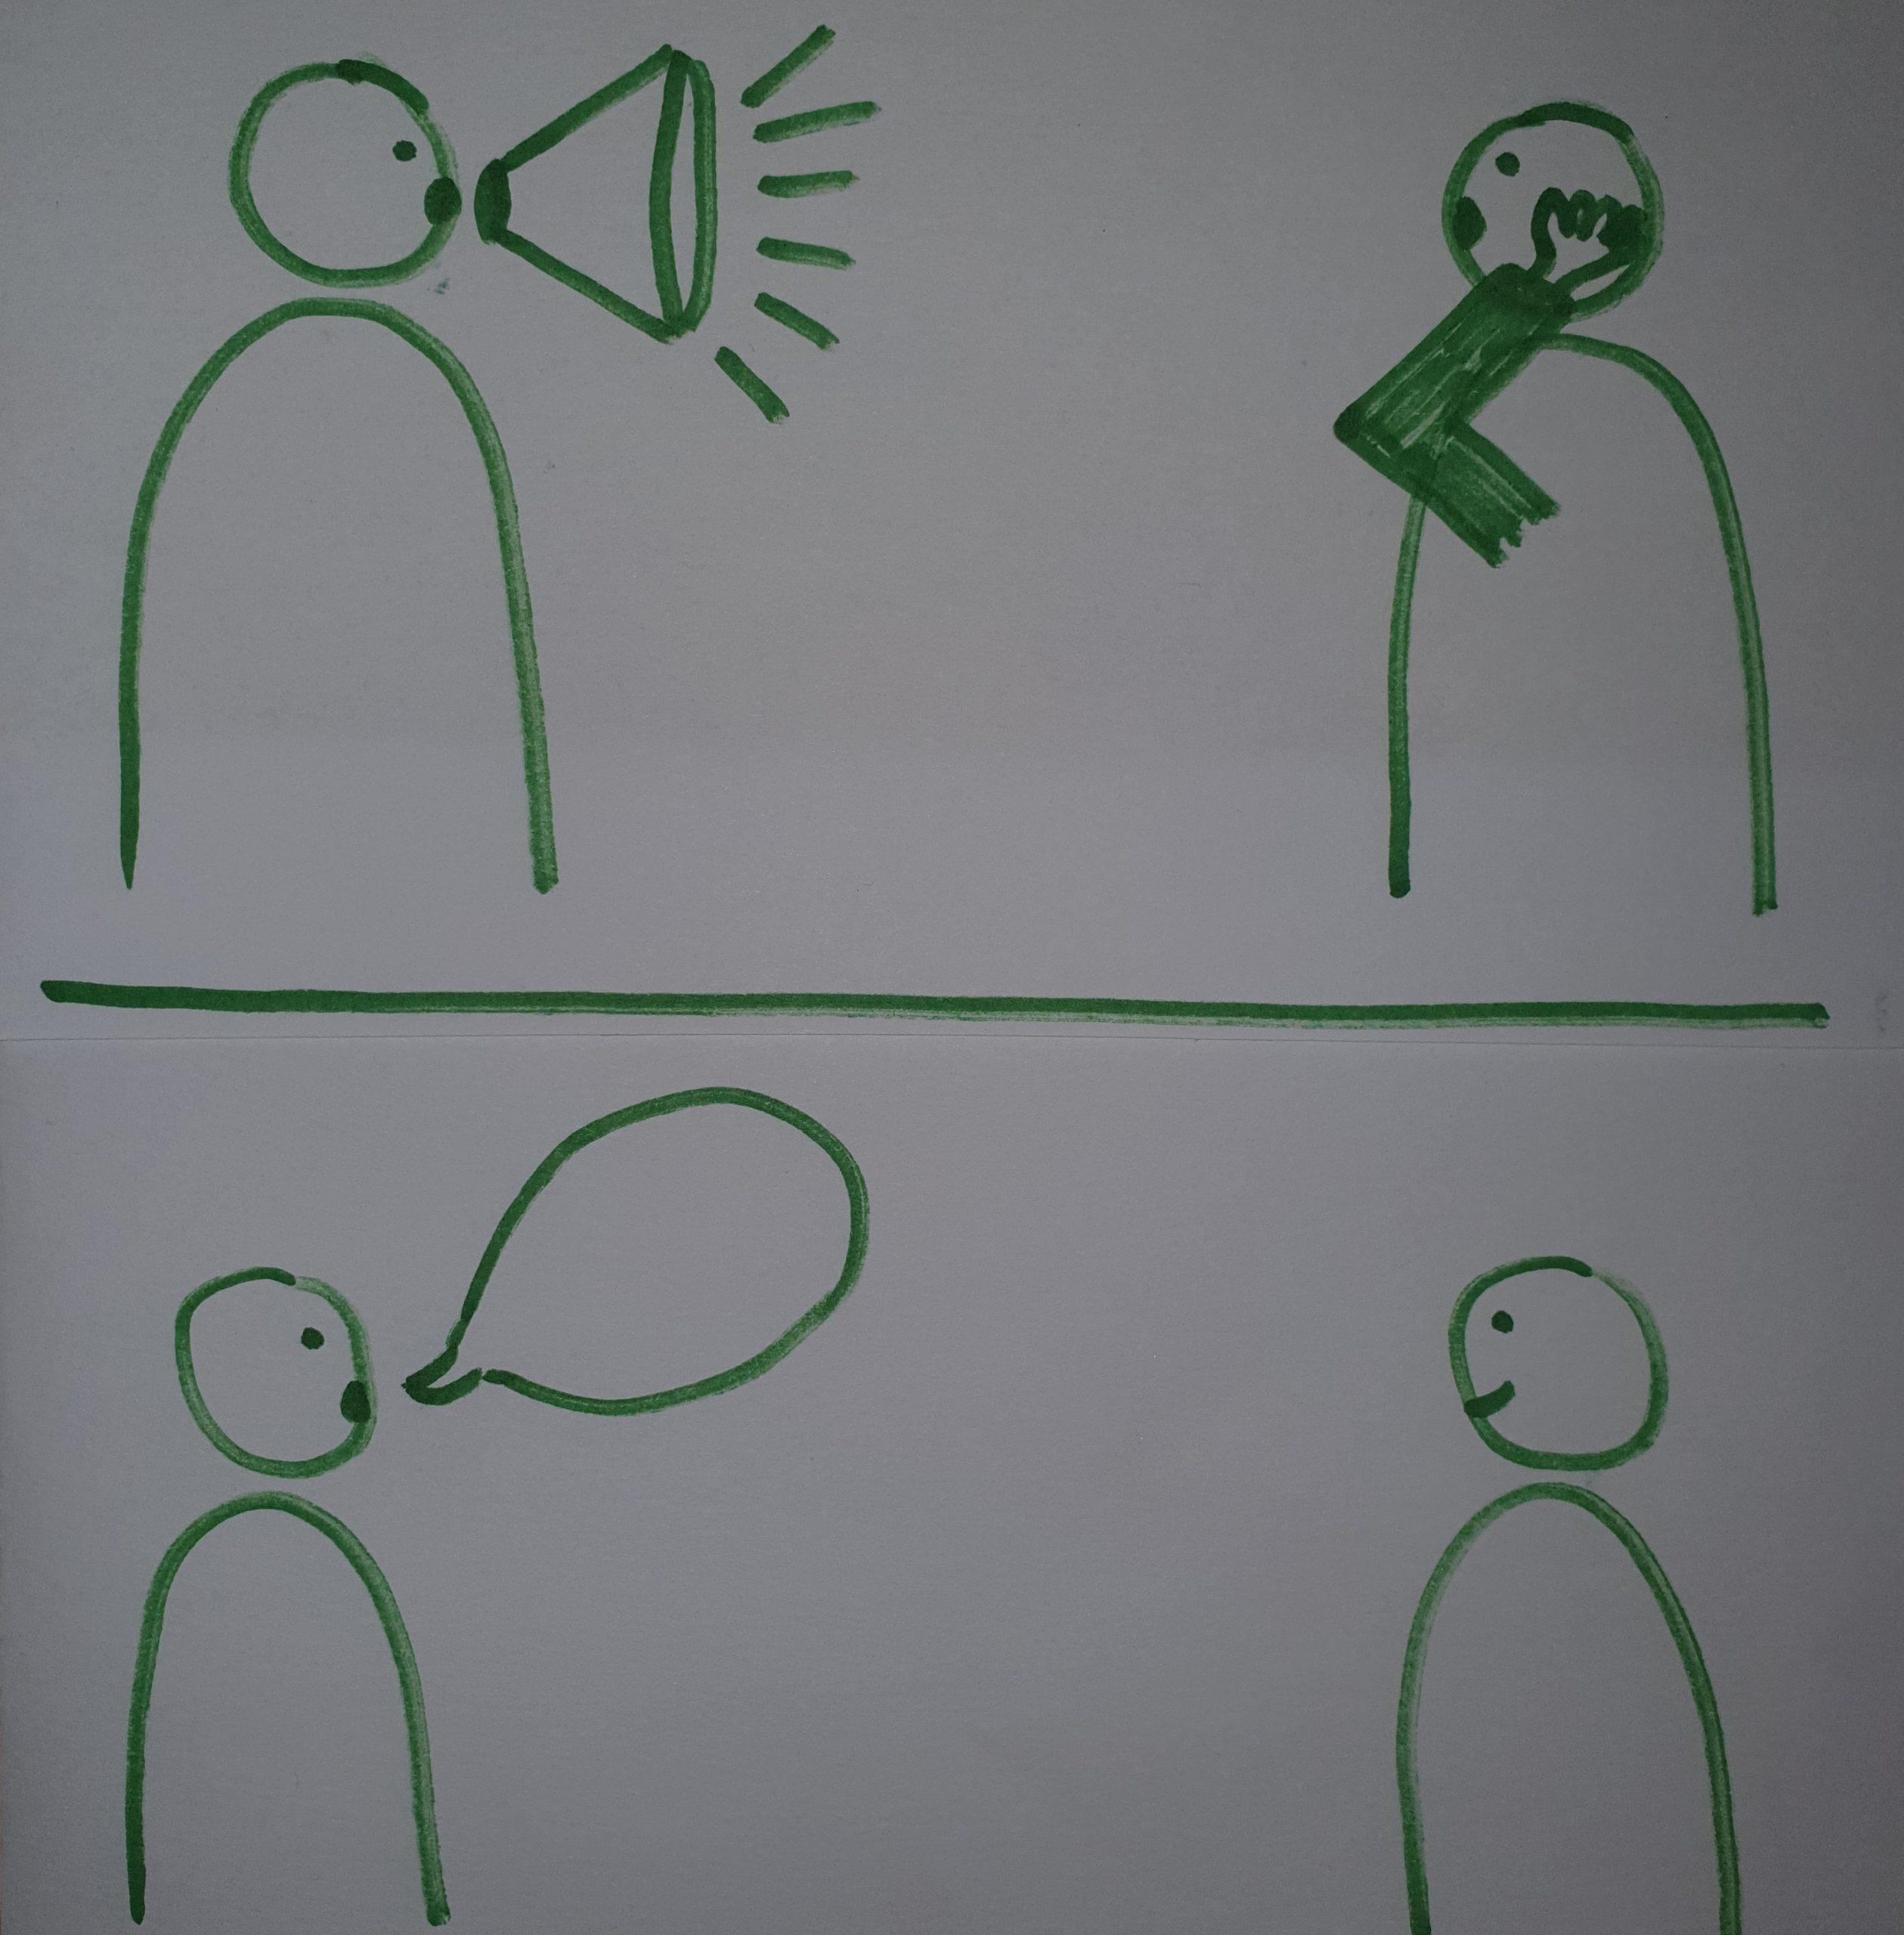 De betekenis van je communicatie is de reactie die je oproept